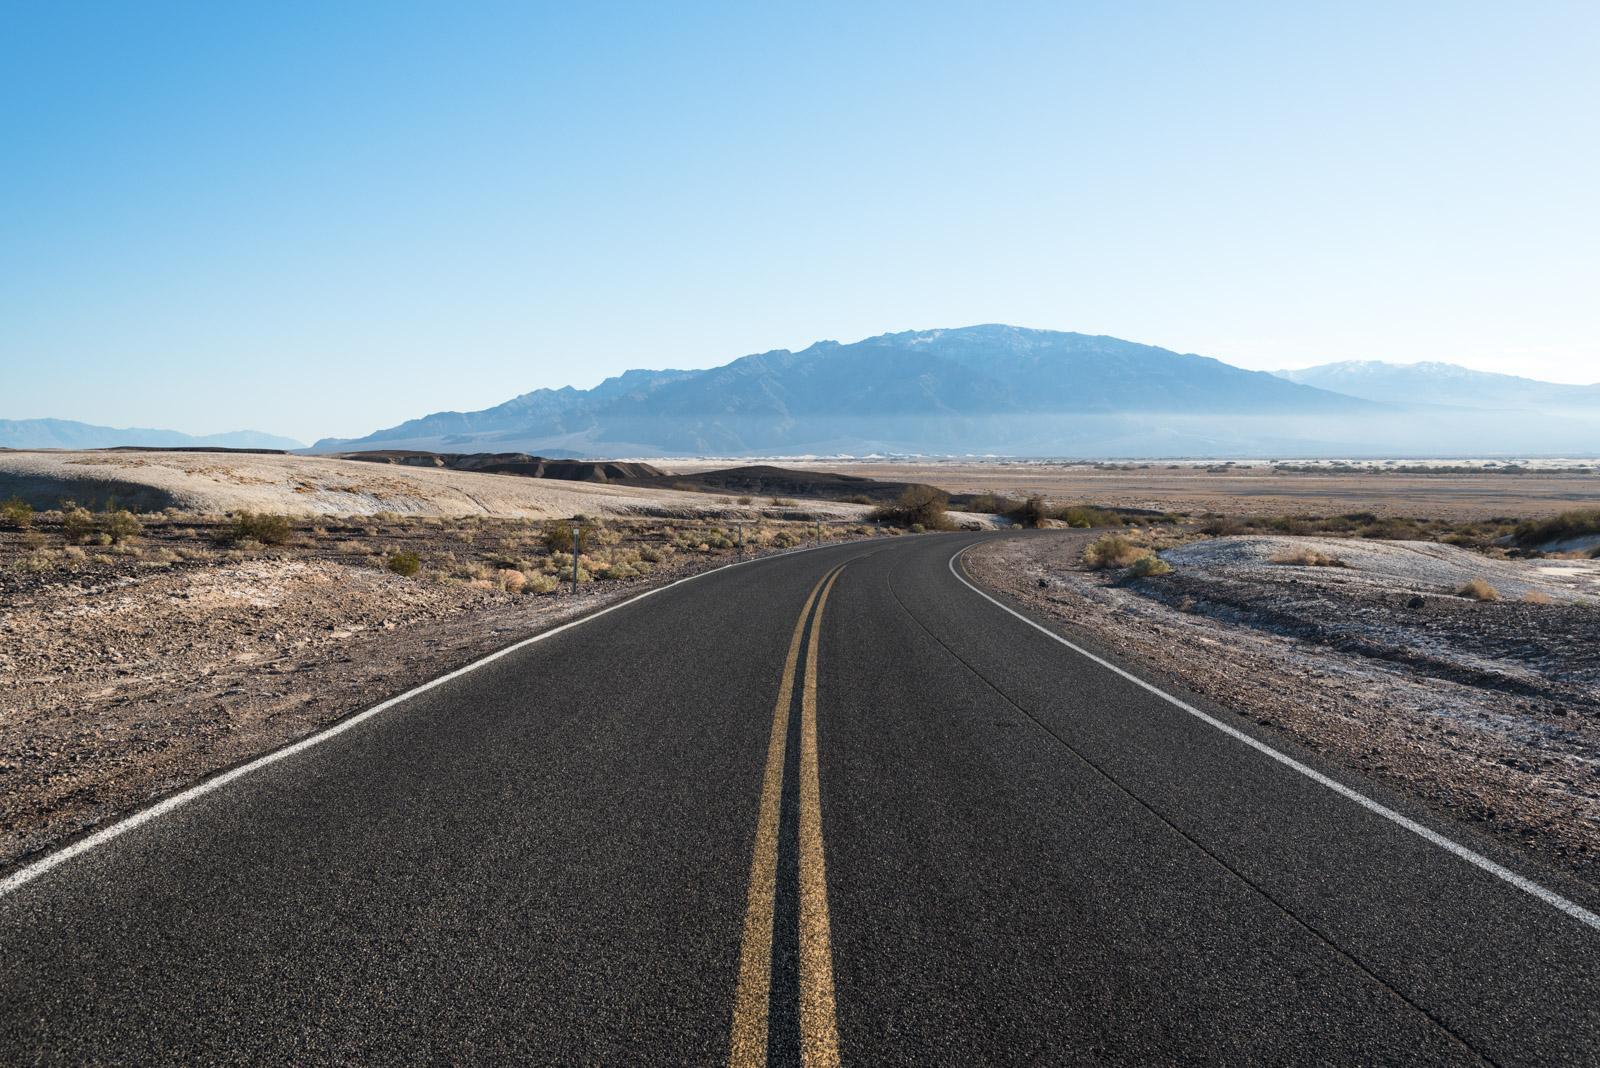 Über den Lippincott Pass ins Death Valley